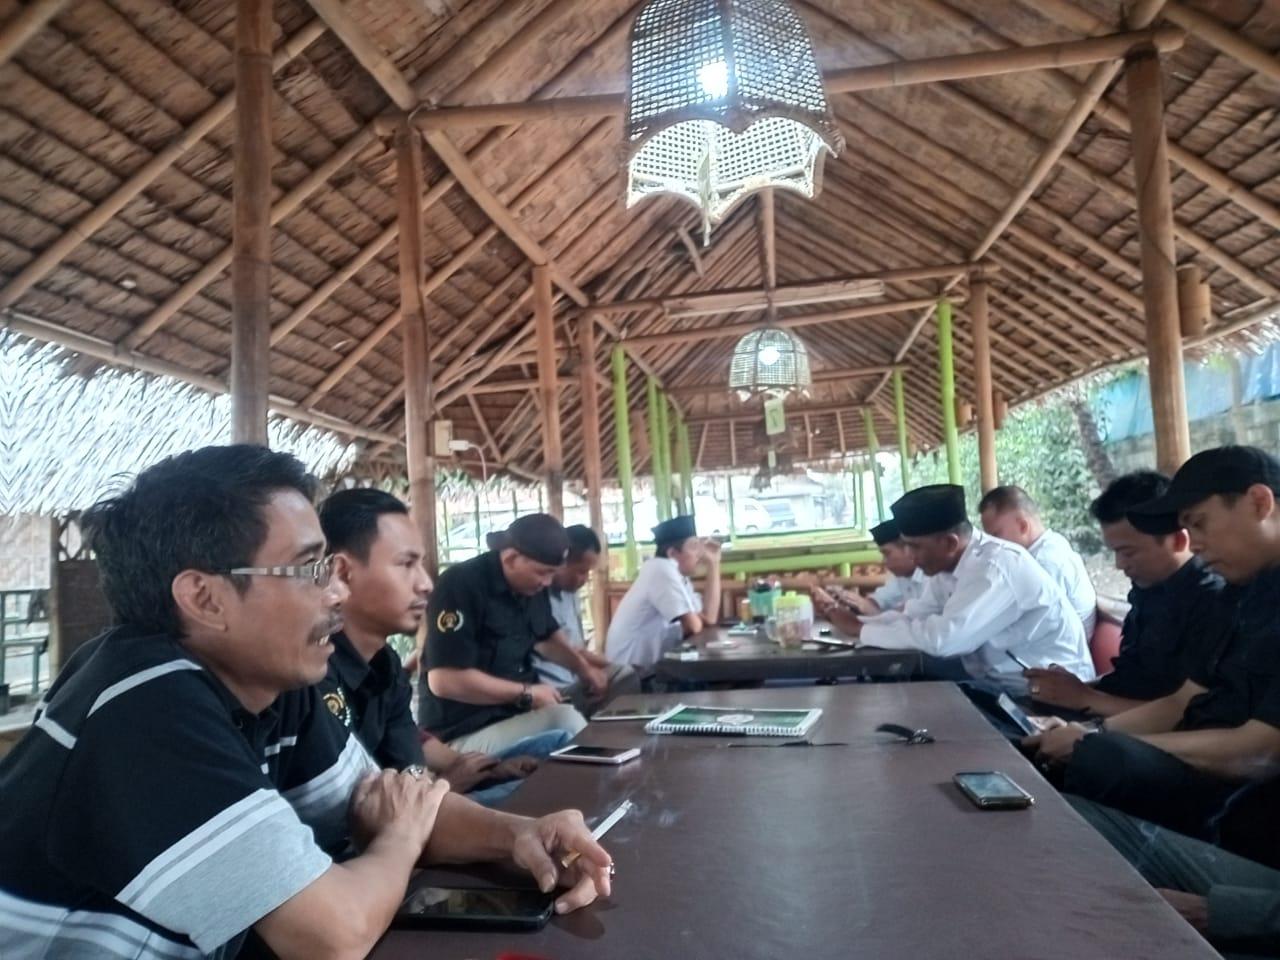 Ketua Apdesi Dan Kades Kecamatan Rajeg Diskusi Bareng Himpunan JTR